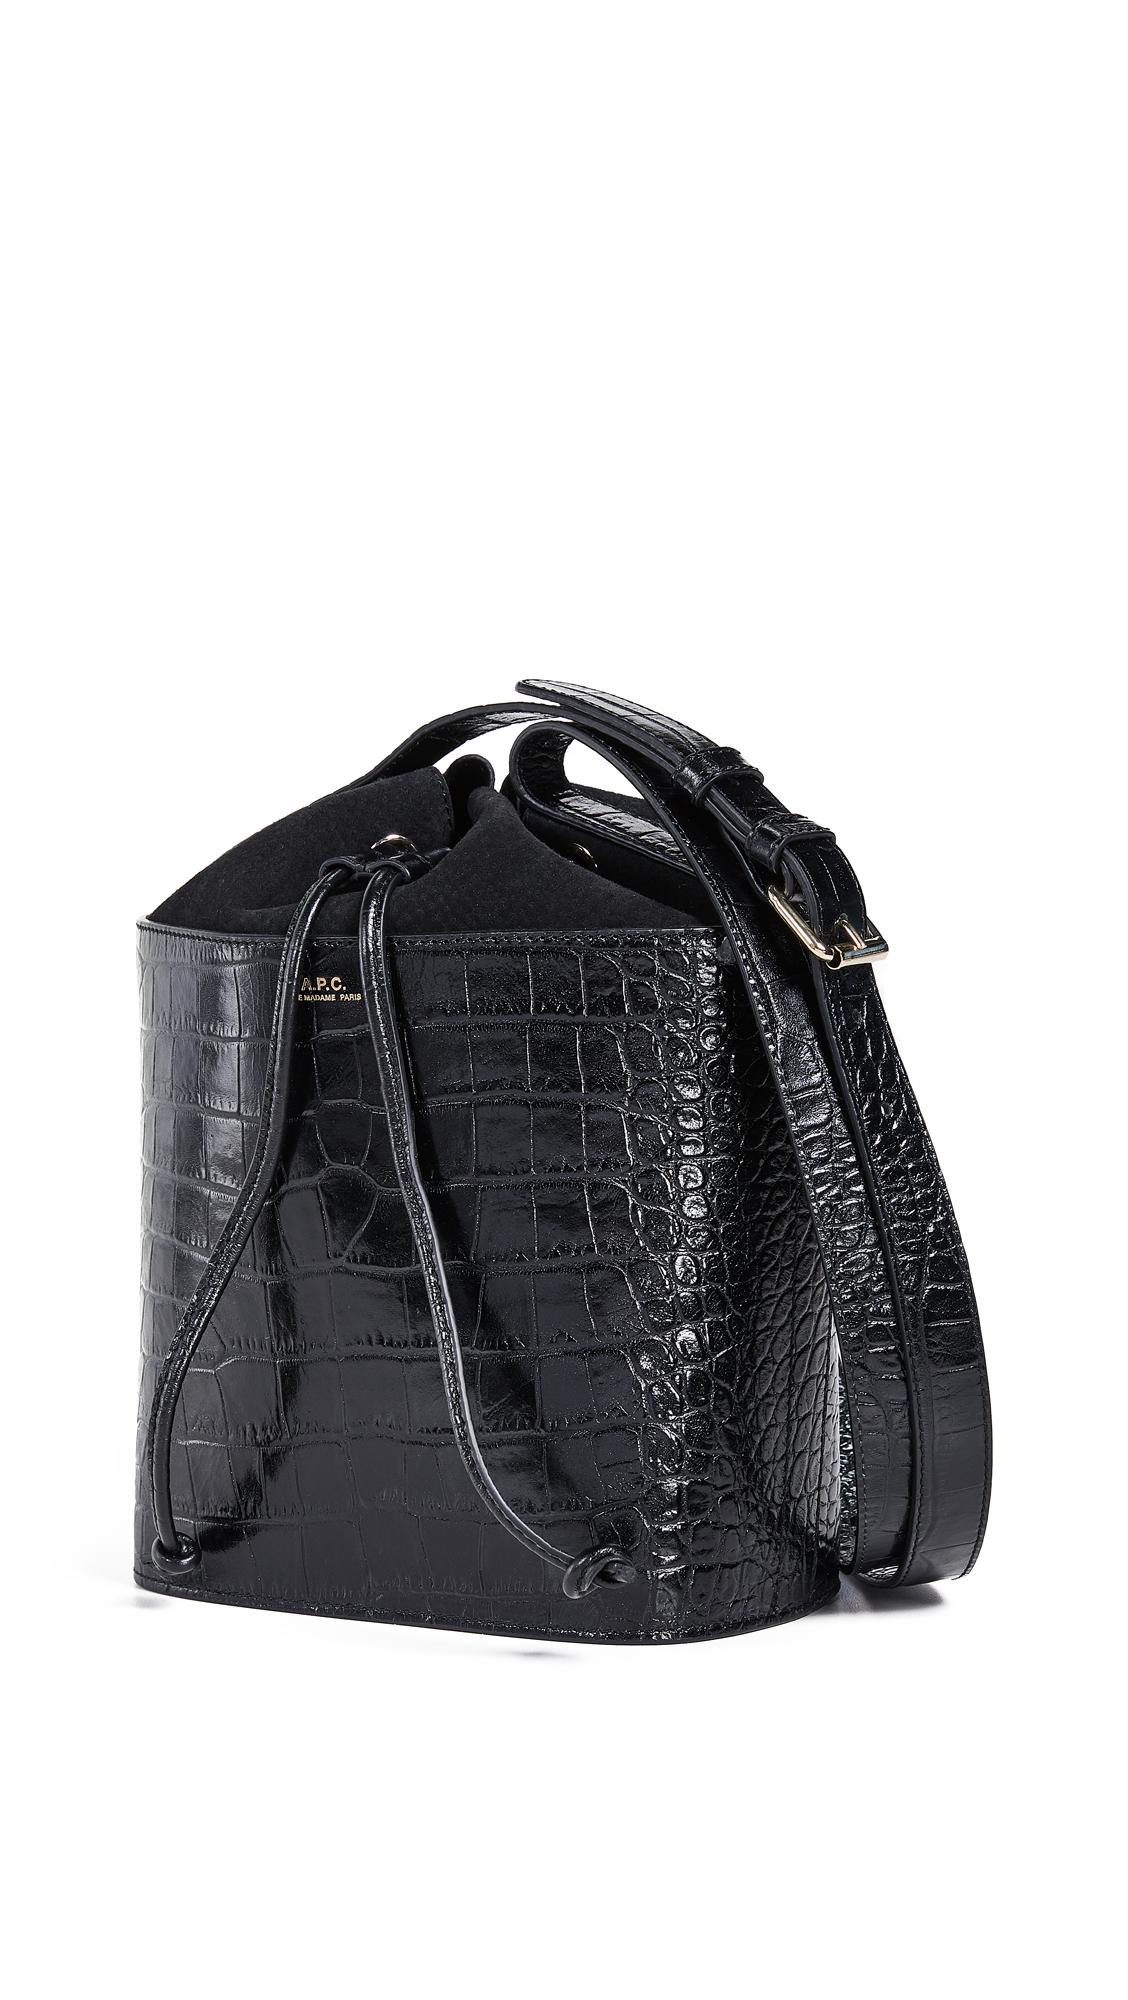 CLARA BUCKET BAG